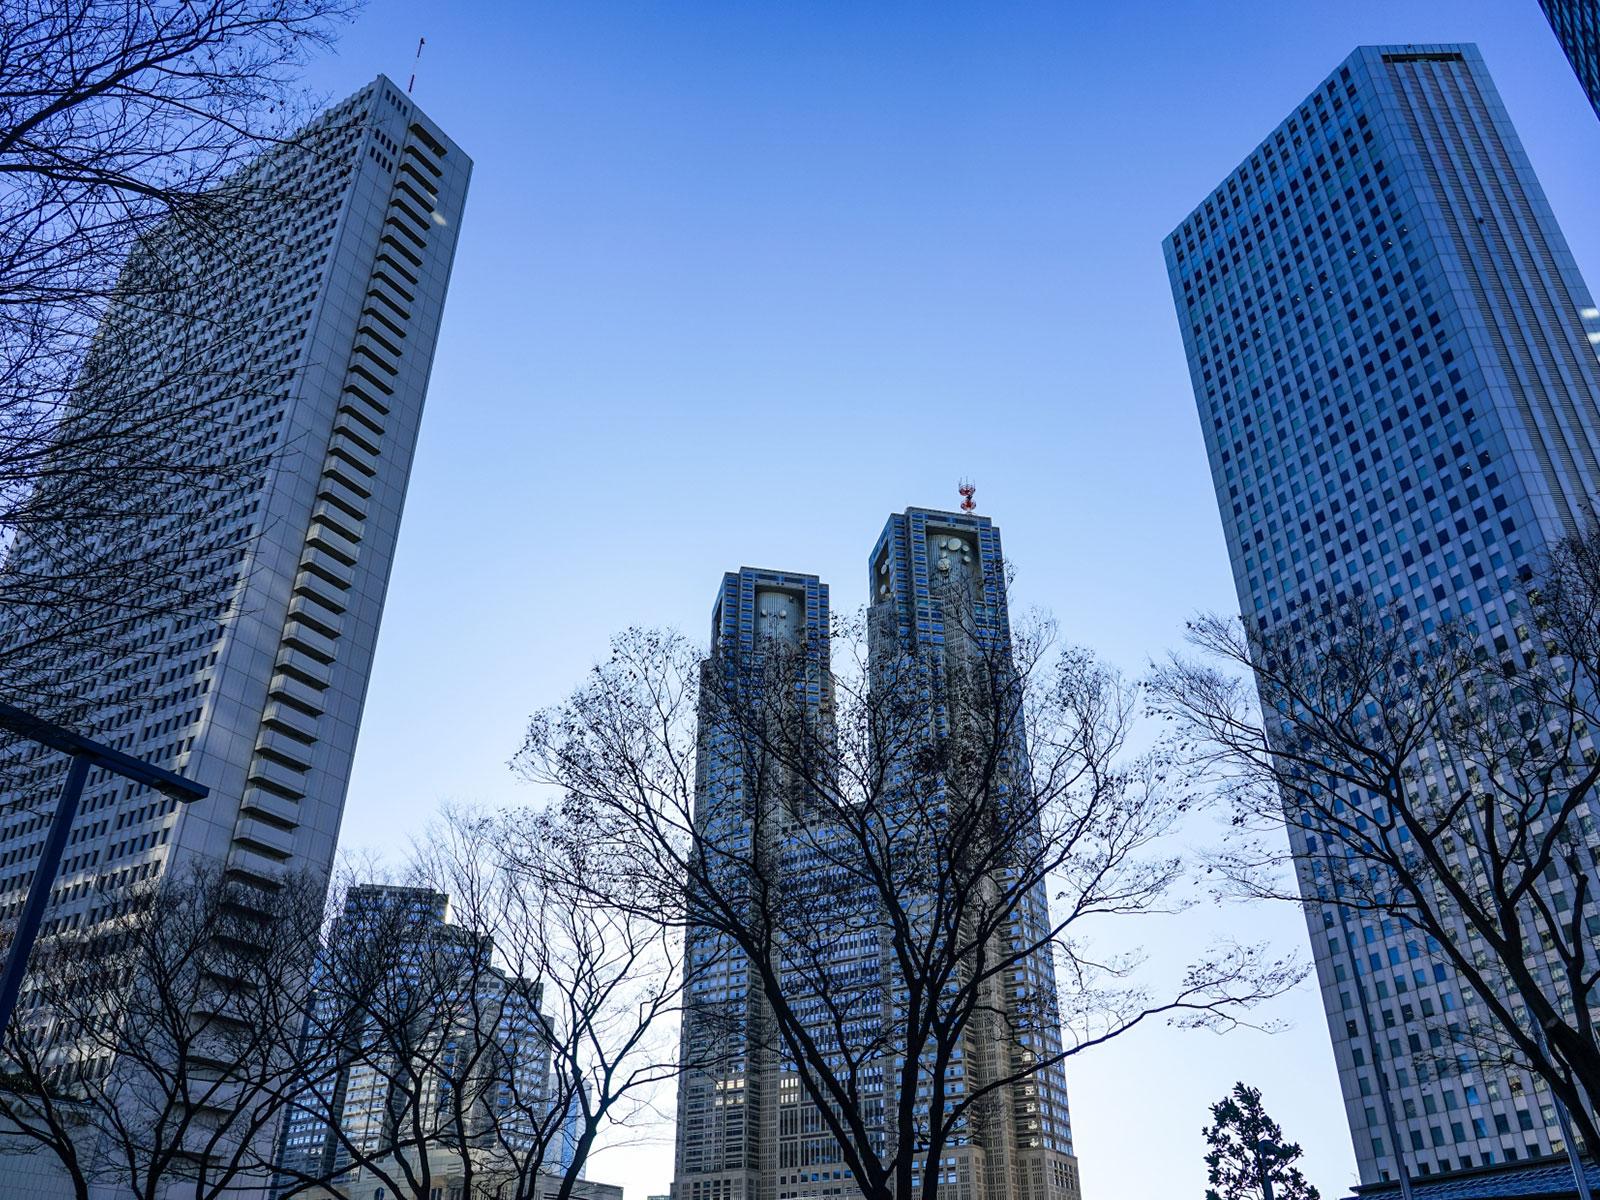 【募集開始!】都営住宅の定期募集について 2021年2月(令和3年)